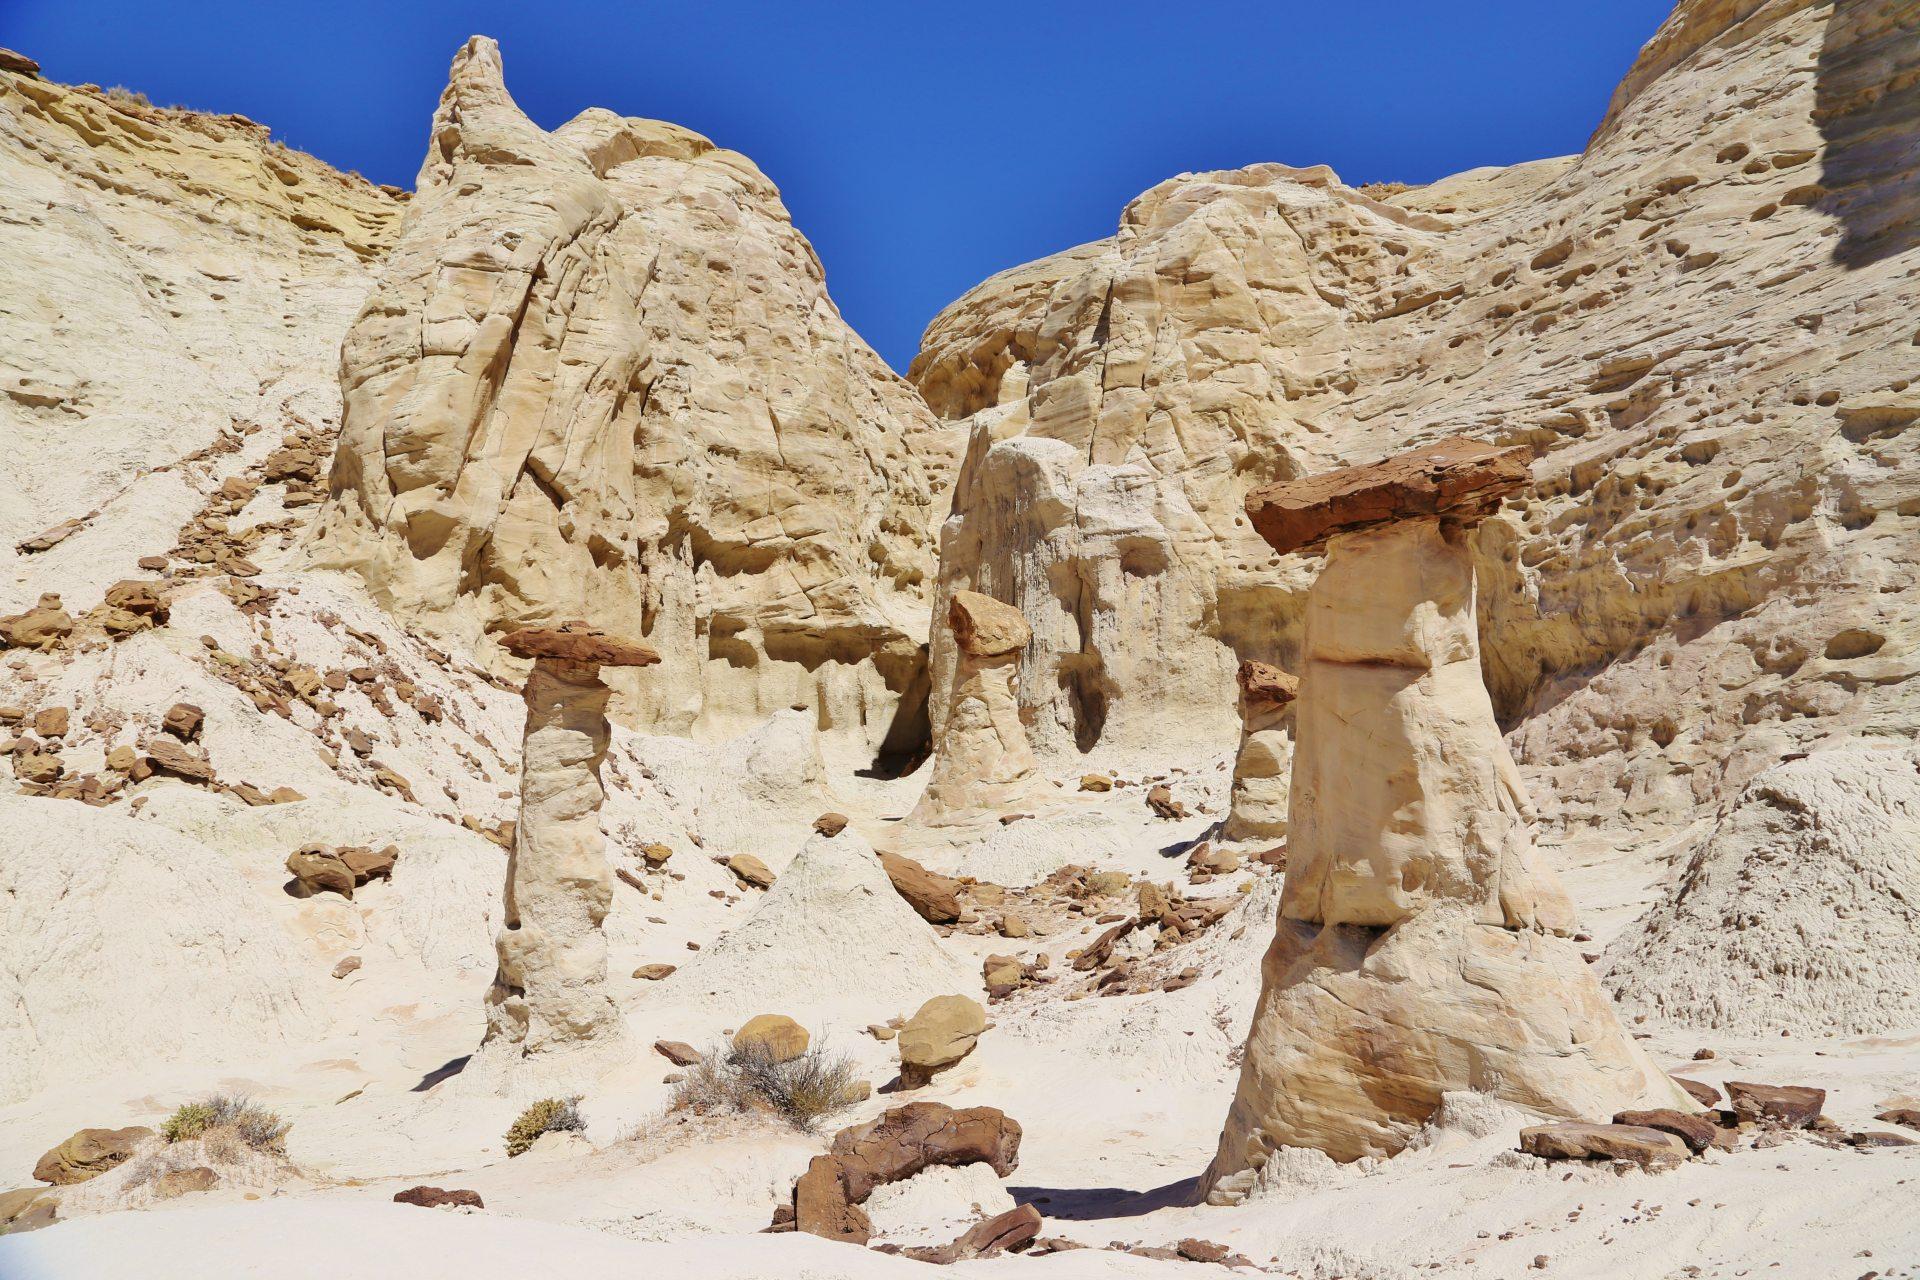 Die Schwammerl gibts auch in weiß! - Farben, farbenfroh, Felsformationen, Felslandschaft, Felsnadeln, Geologie, Gesteinsschichten, Grand Staircase Escalante National Monument, GSENM, Himmel, Hoodoos, malerisch, Monolithen, Paria Rimrocks, Sandstein, Sandsteinformationen, Steinmännchen, The Rimrocks, traumhaft, Utah - (Paria, , Utah, Vereinigte Staaten)